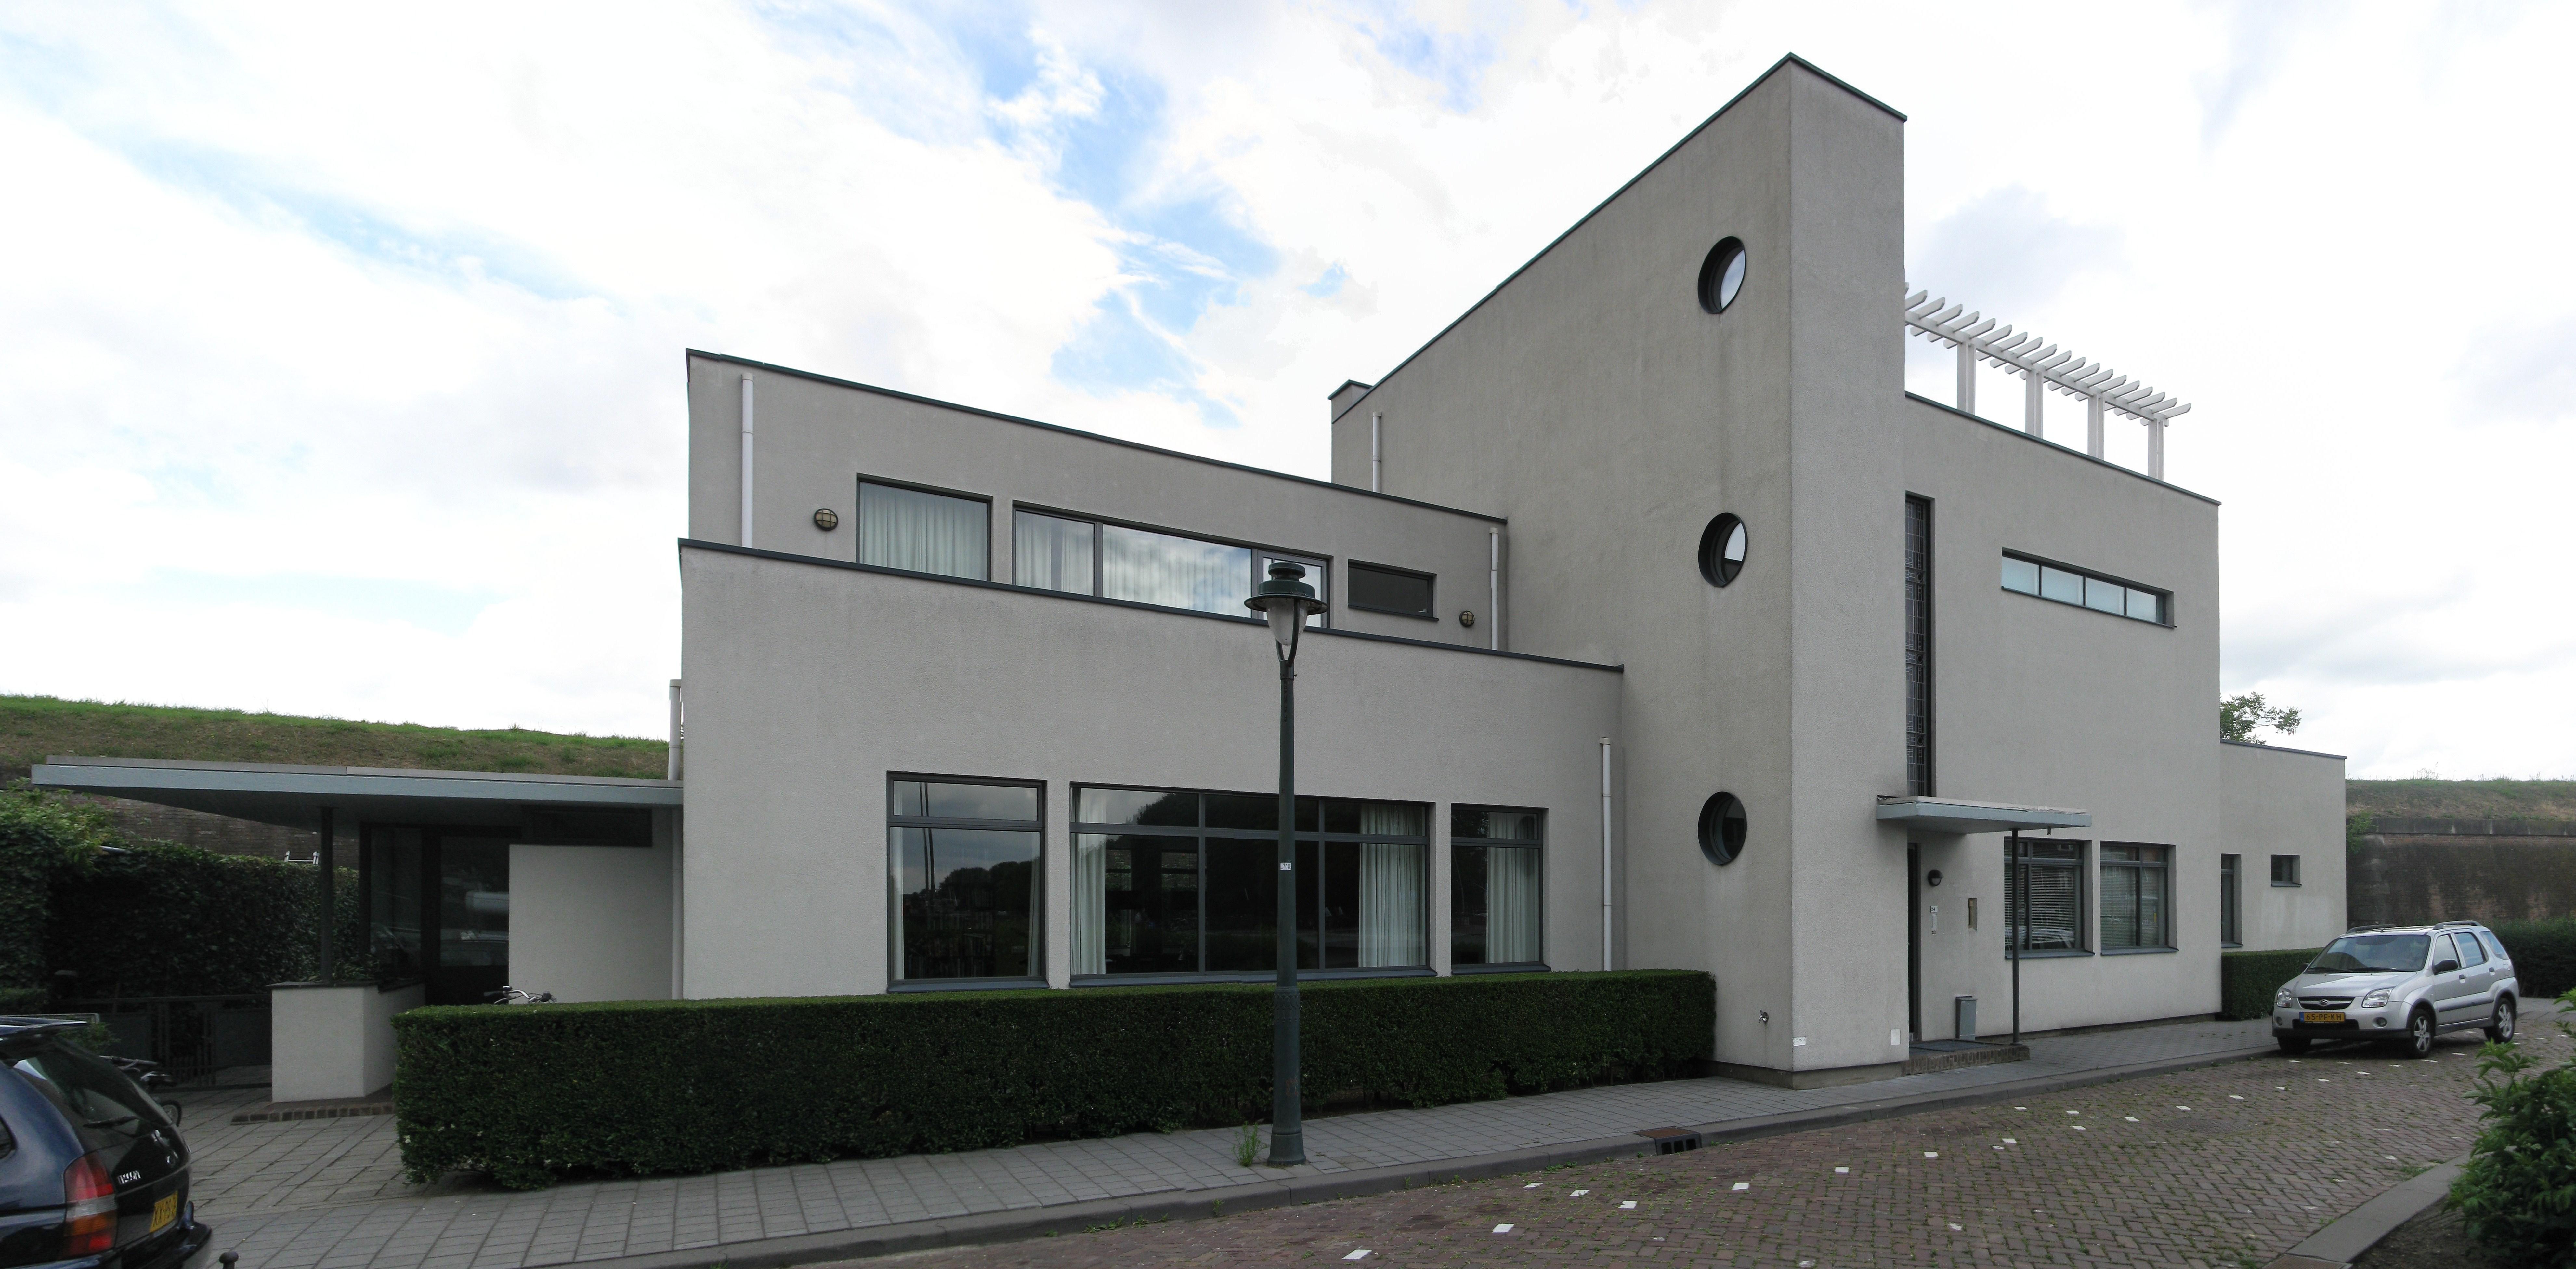 Vrijgelegen Voormalig Medisch Consultatiebureau In S Hertogenbosch